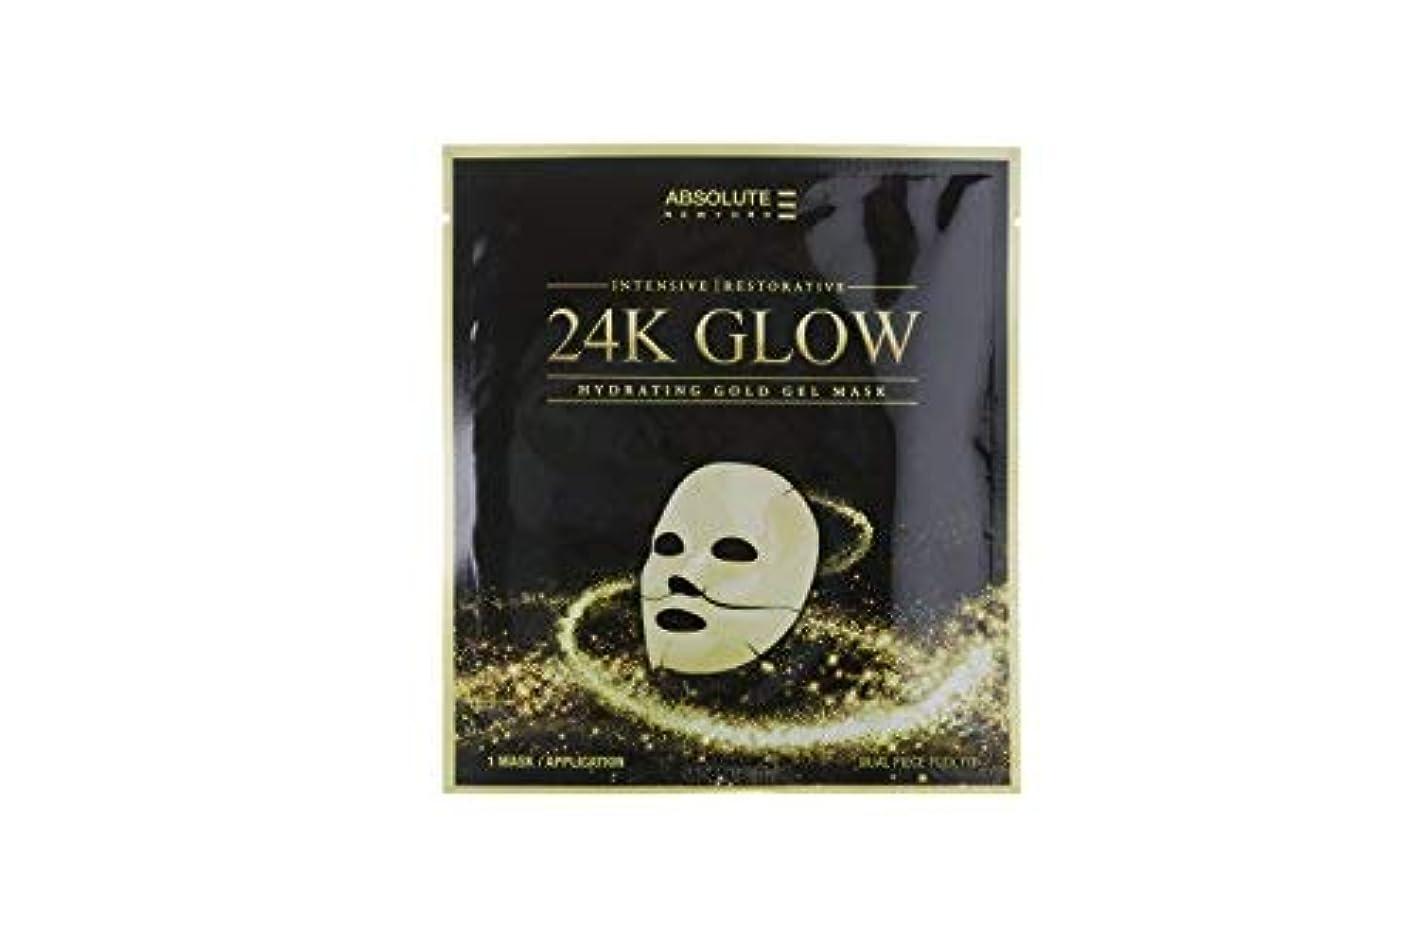 受け皿モディッシュ彼女Absolute 24K Glow Gold Gel Mask (並行輸入品)